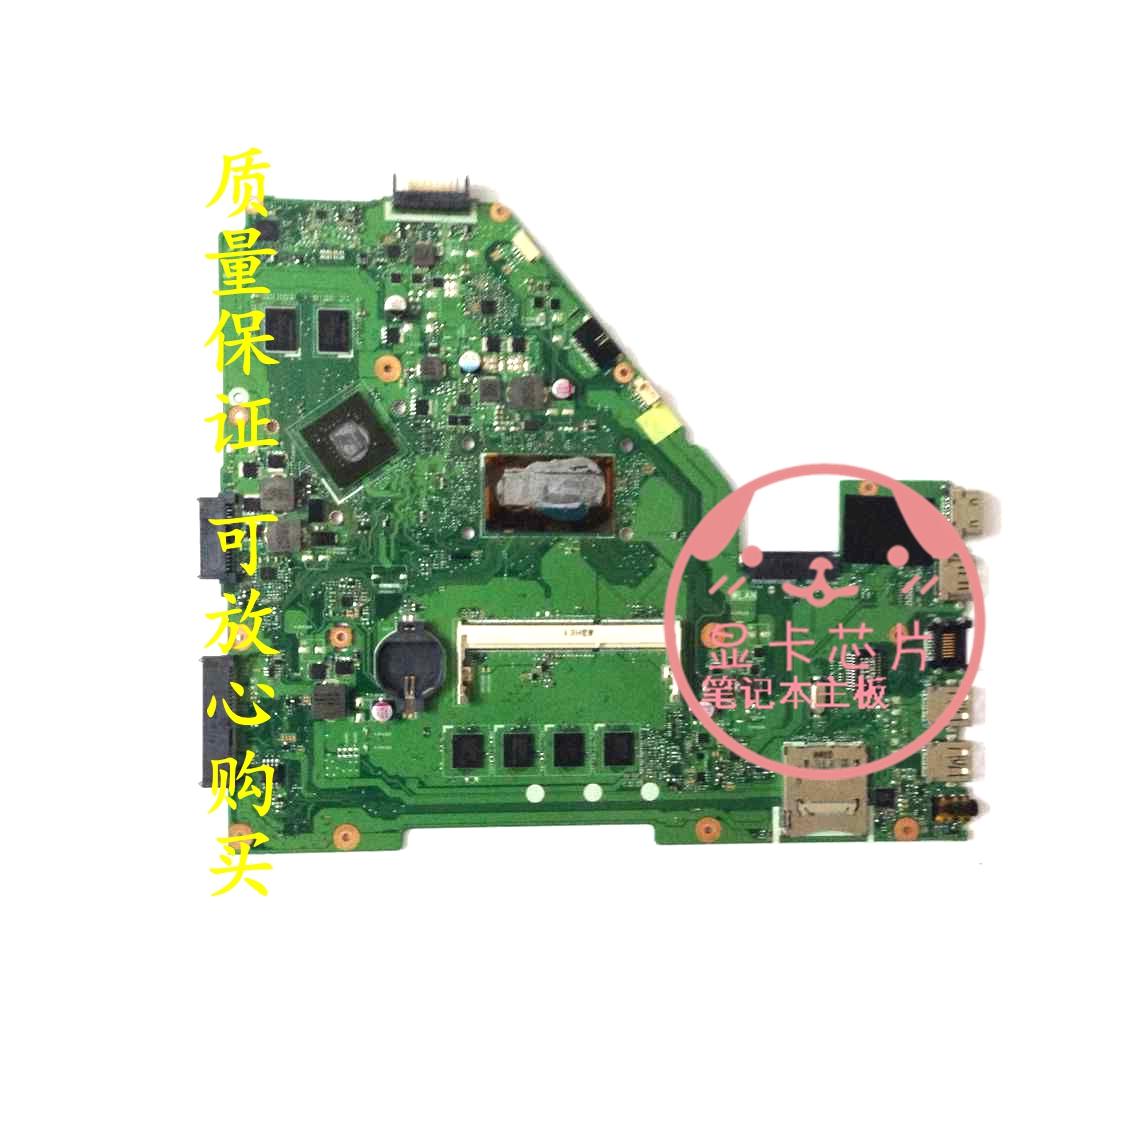 Комплектующие и запчасти для ноутбуков Y481L VM590L Y581L X555LD X550LD X450LD X550EP R510J комплектующие и запчасти для ноутбуков acer aspire 5251 5551 5742g 5741g 5741zg